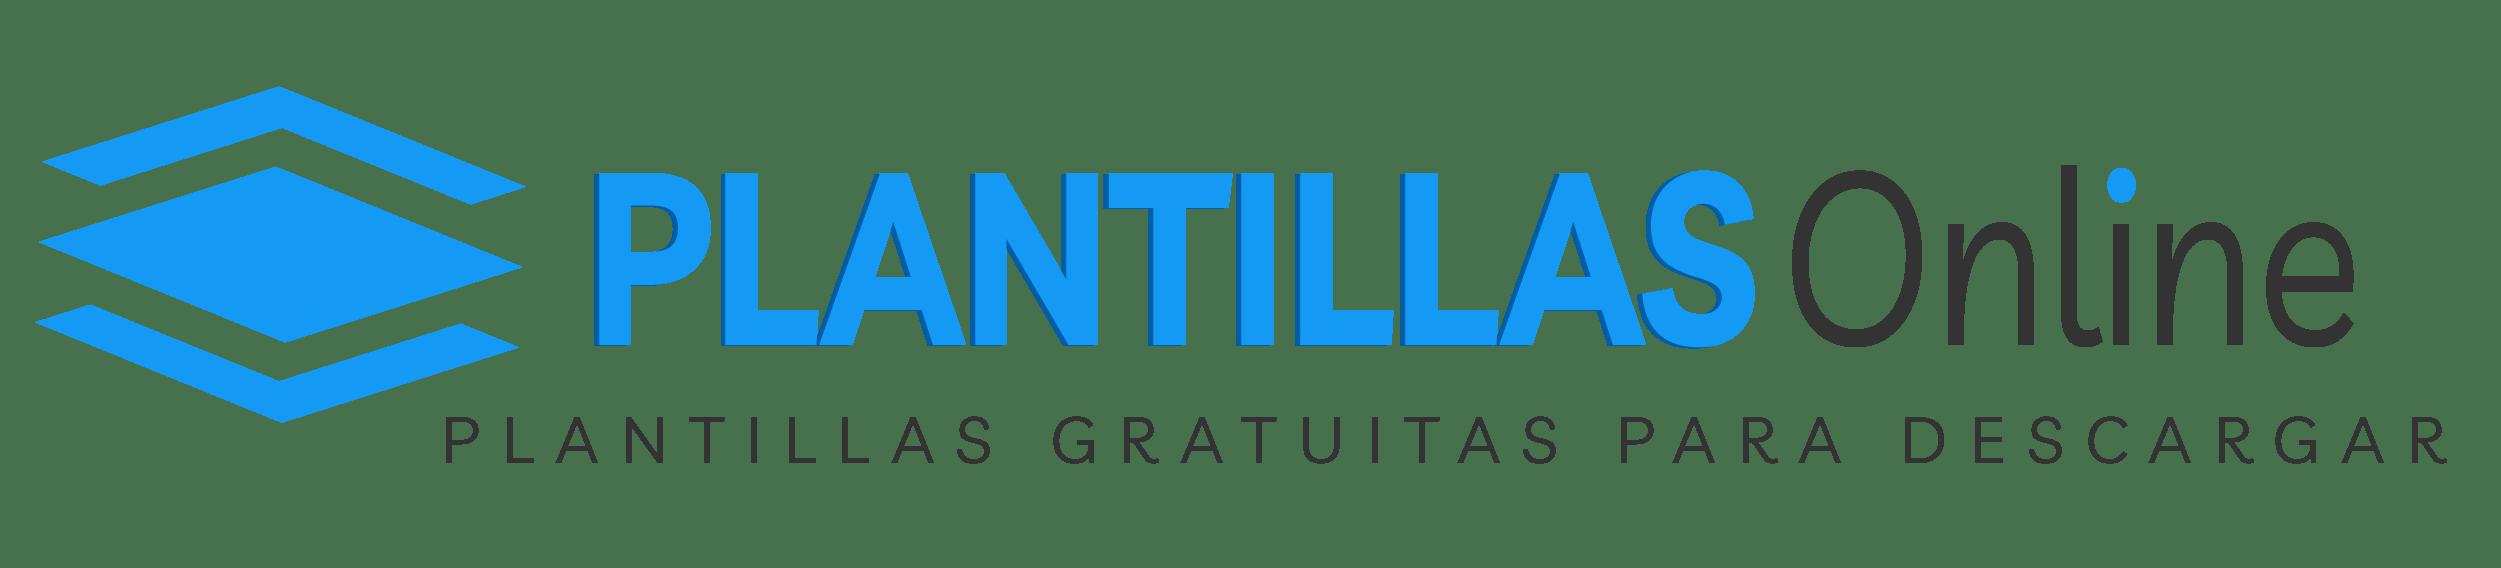 Plantillas Online